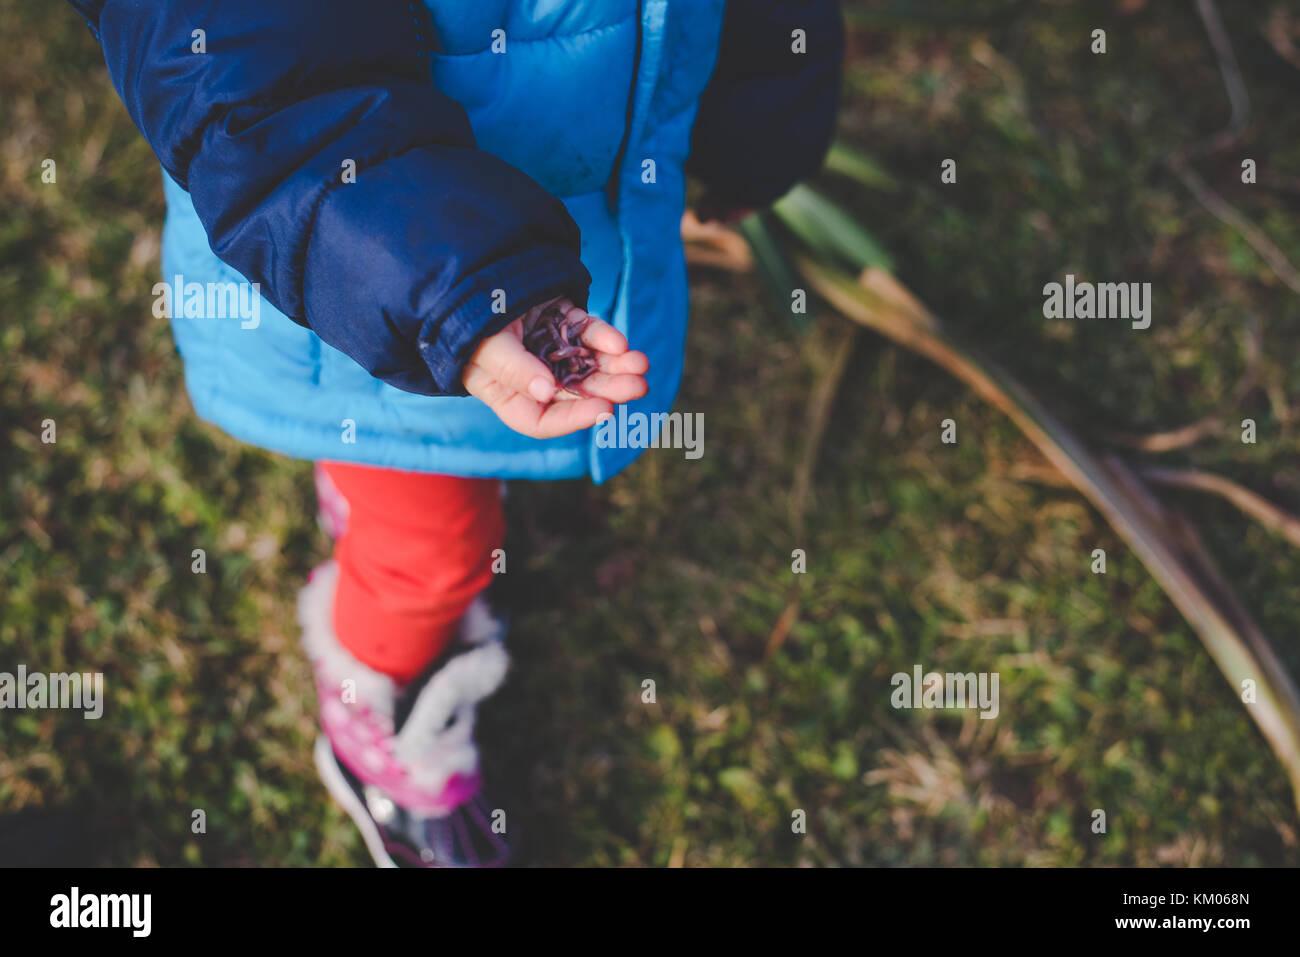 Una niña la celebración de lombrices de tierra en sus manos. Foto de stock